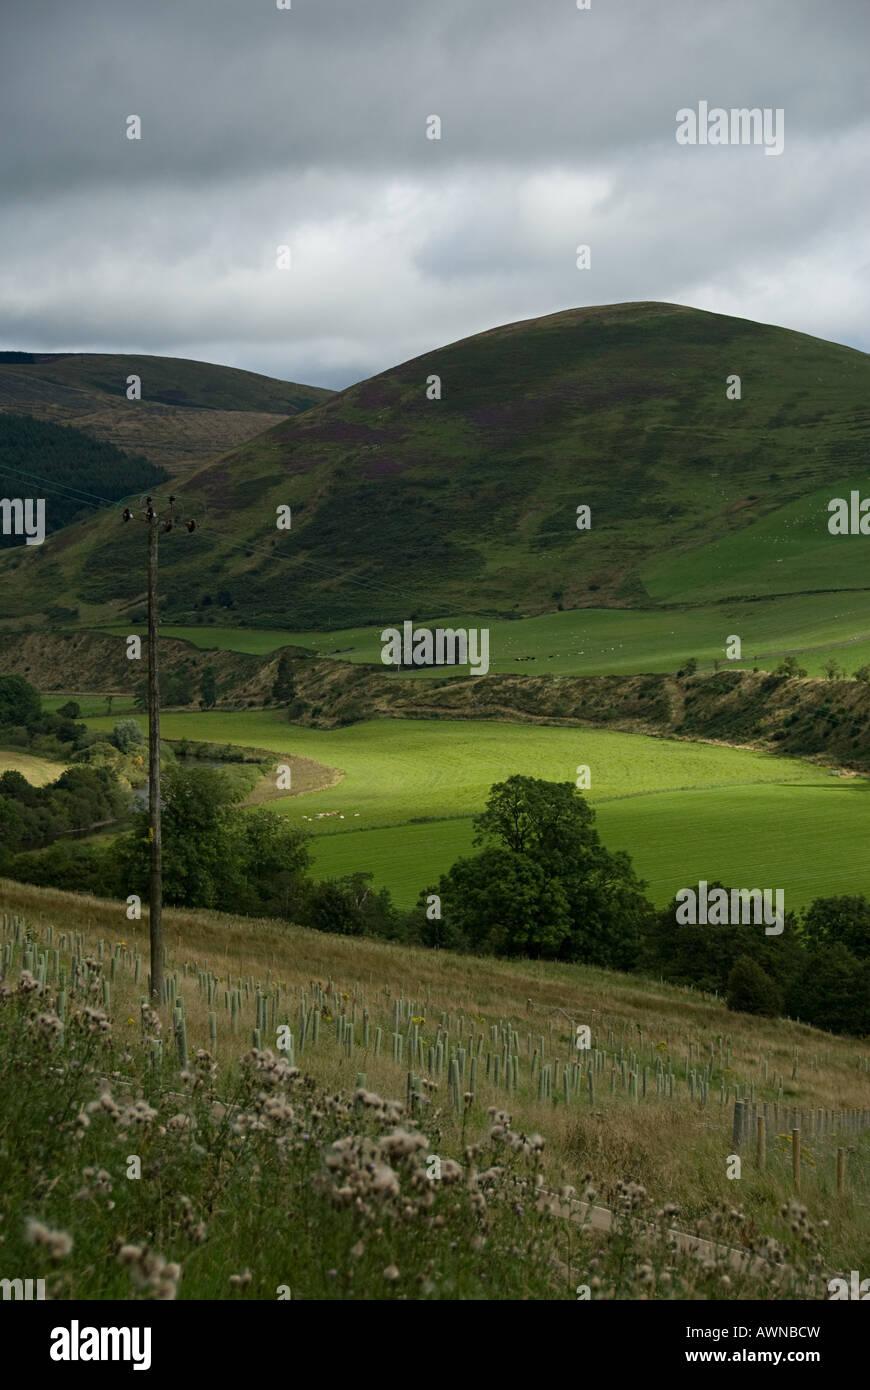 Scottish landscape - Stock Image